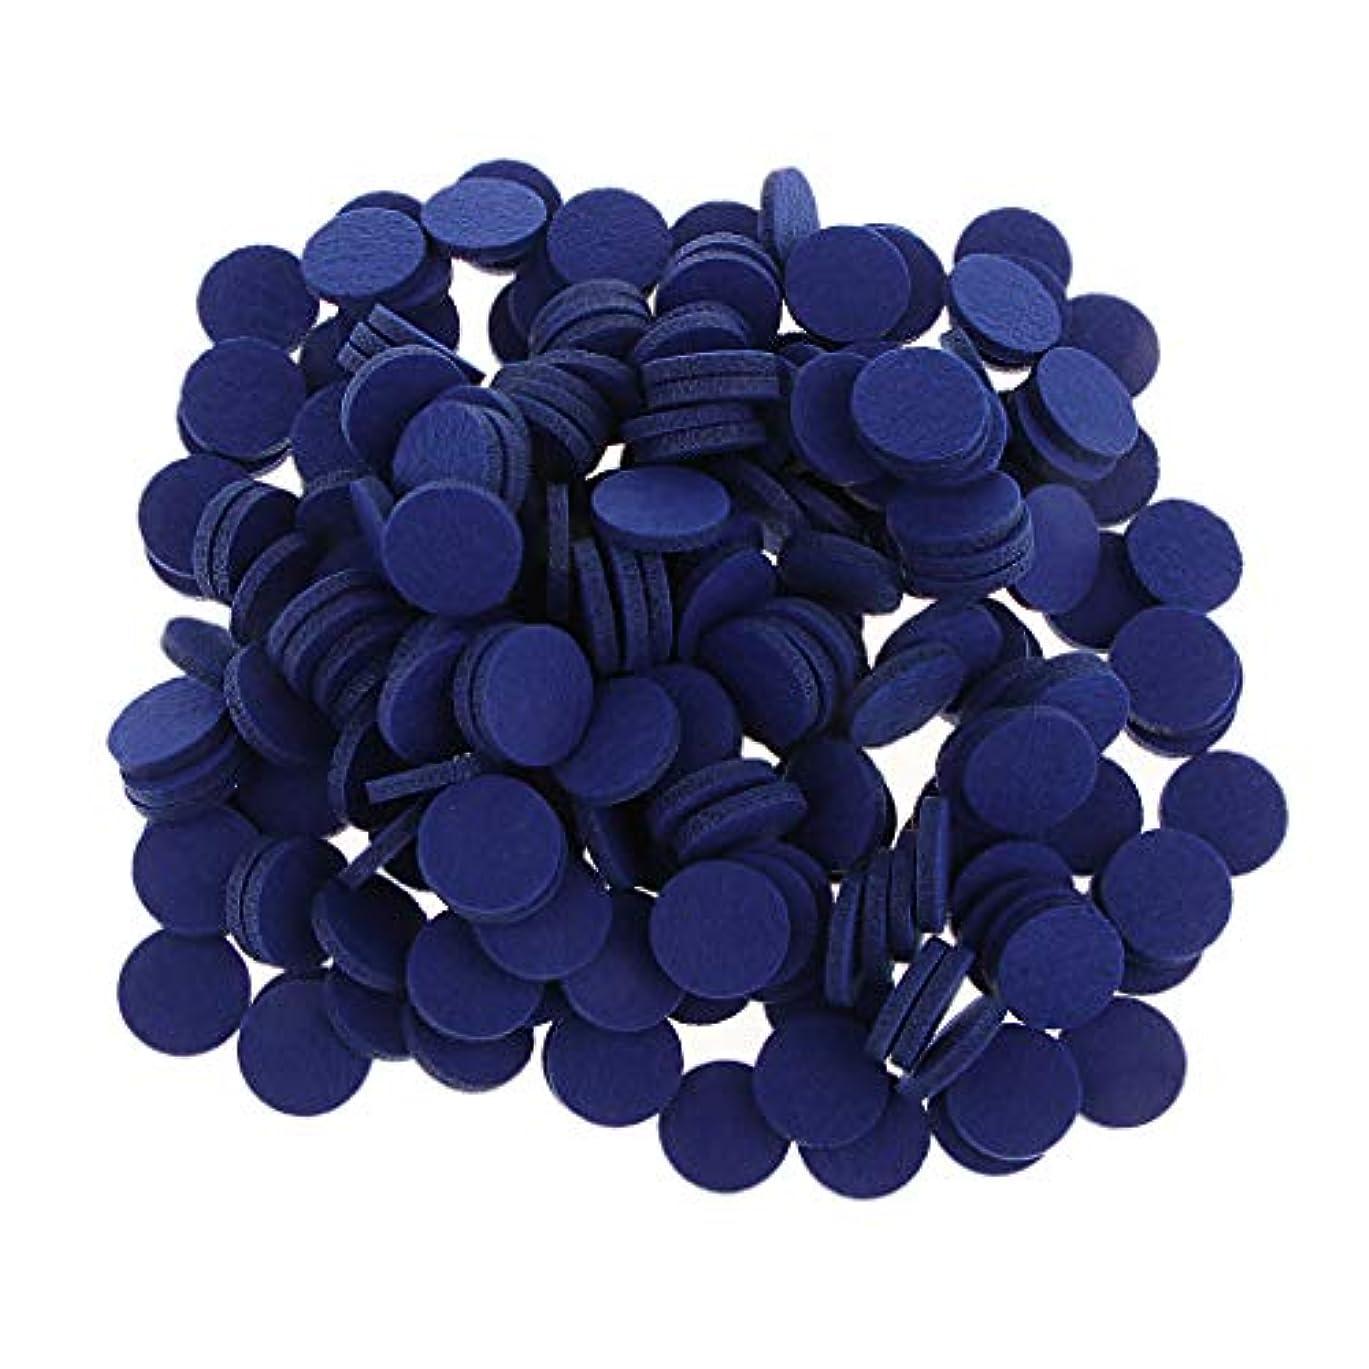 一節湾所有者FLAMEER ディフューザーパッド アロマパッド パッド 精油 エッセンシャルオイル 香り 約200個入り 全11色 - ロイヤルブルー